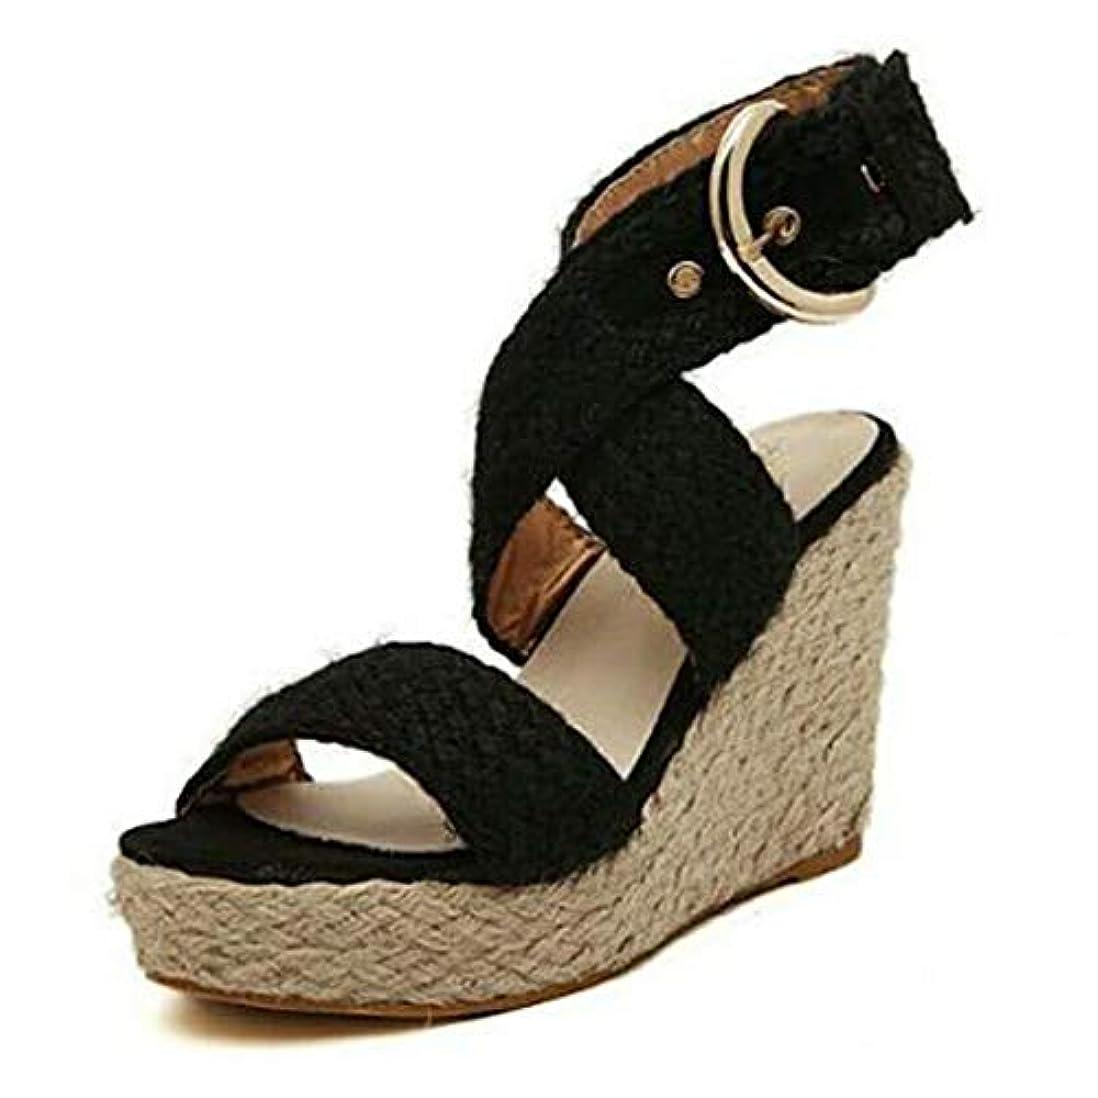 サラダ耕す気になるレディース サンダル Tongdaxinxi 女性 レディース ファッション カジュアル ビッグサイズ バックルウェッジ サンダル ローマの靴 人気 軽量 おしゃれ レディース サンダル